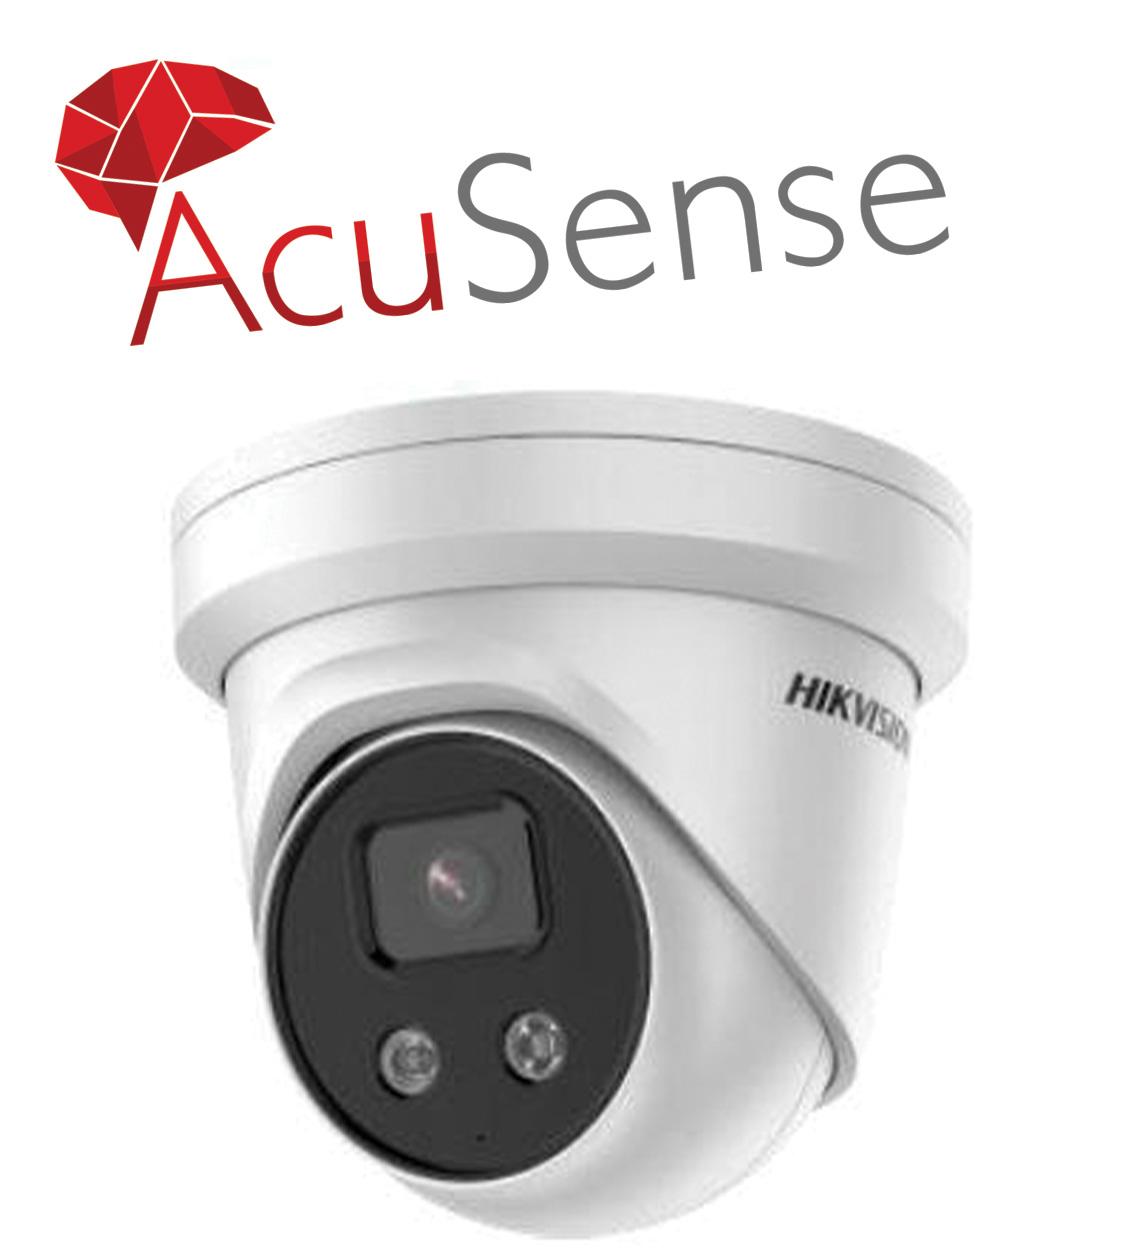 Hikvision-DS-2CD2326G2-ISUSL6mm-IP-Turret-Ueberwachung-Kamera.jpg